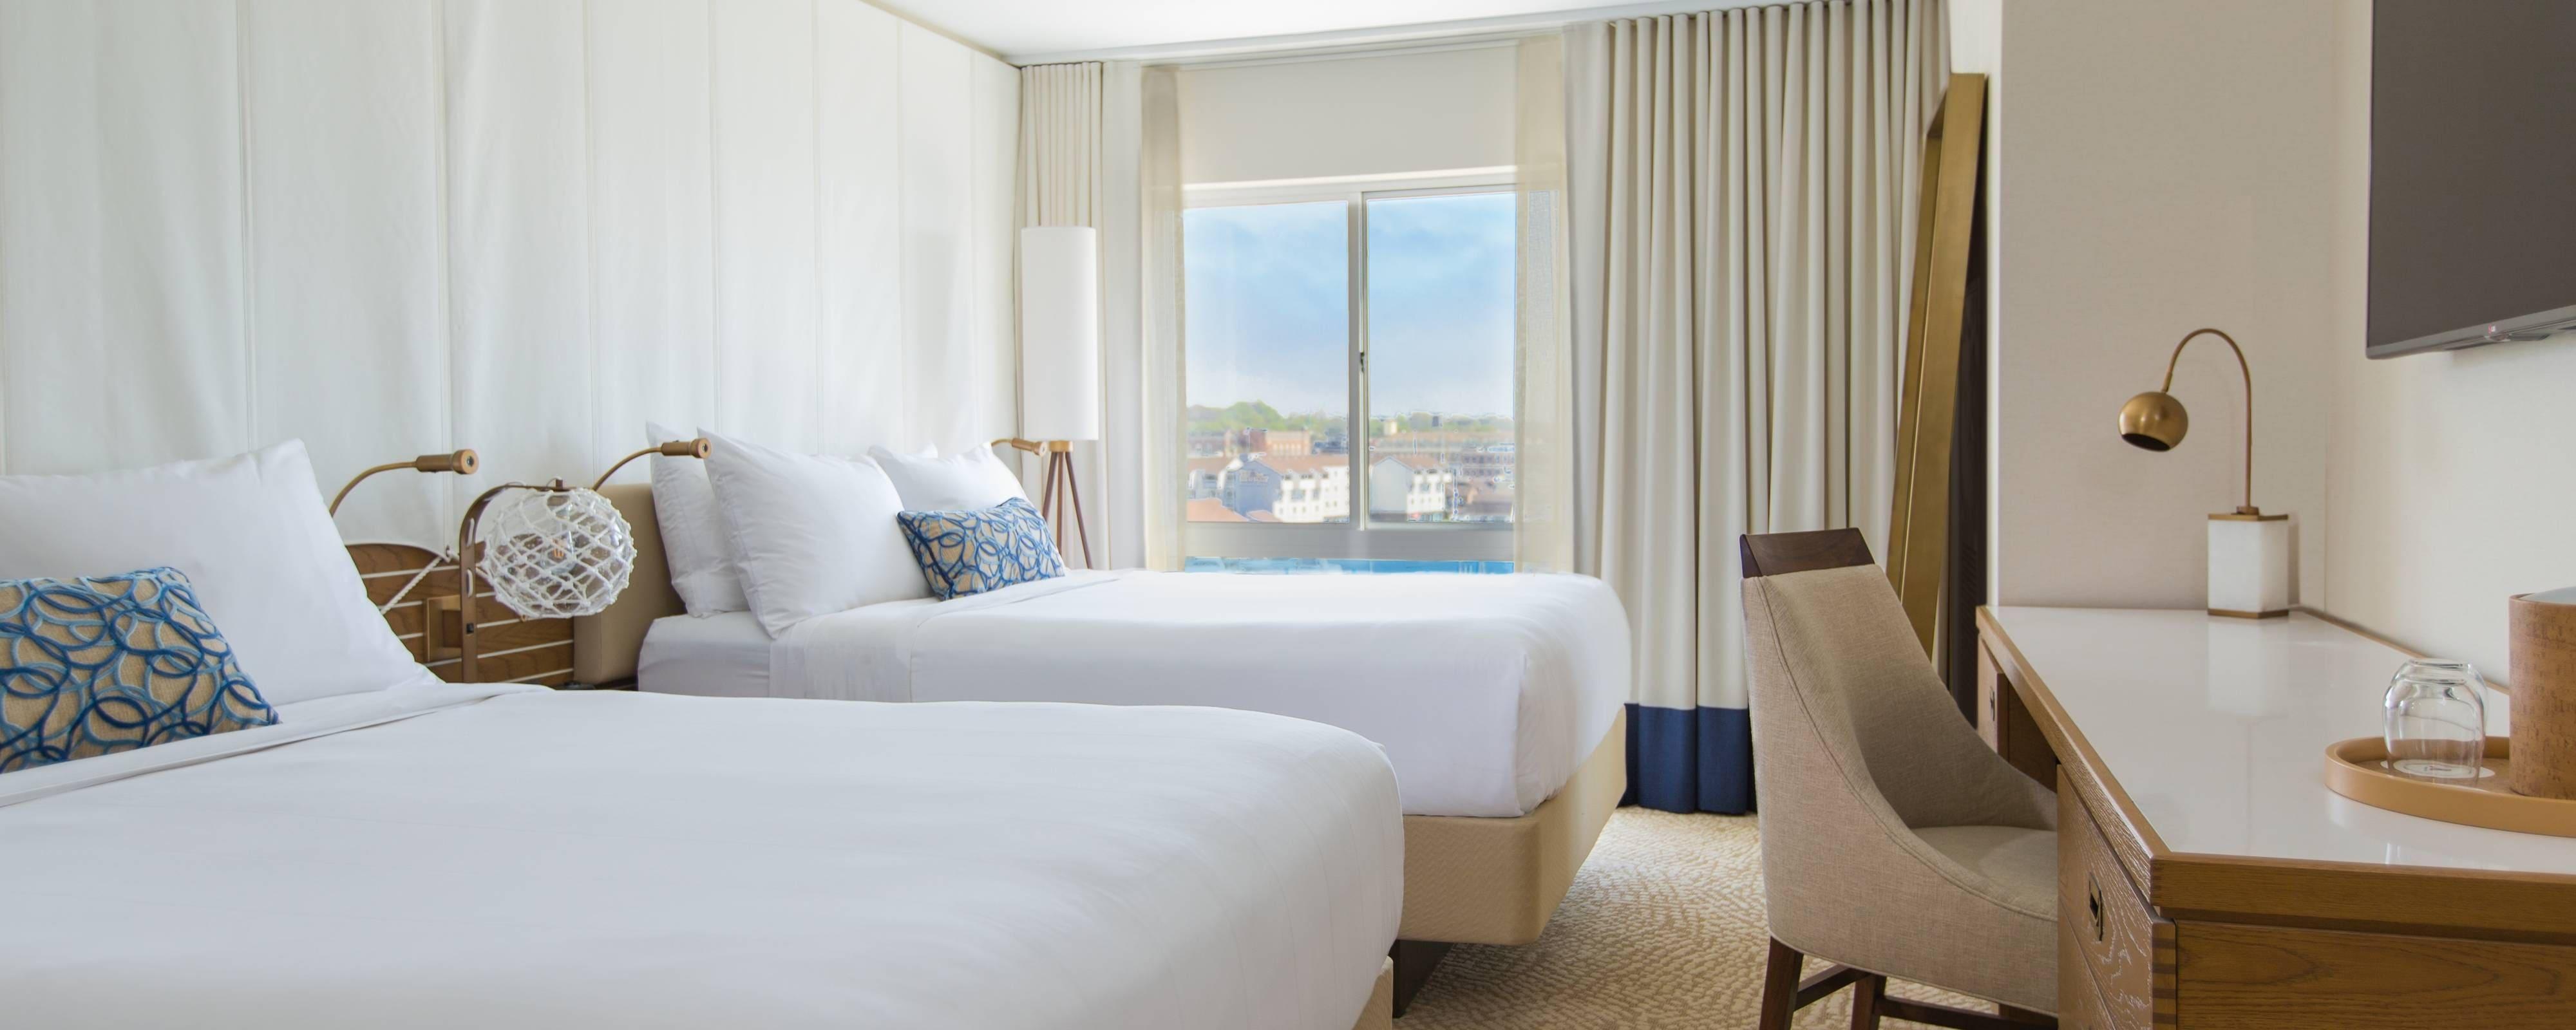 Newport Hotel Queen/Queen Guest Room View